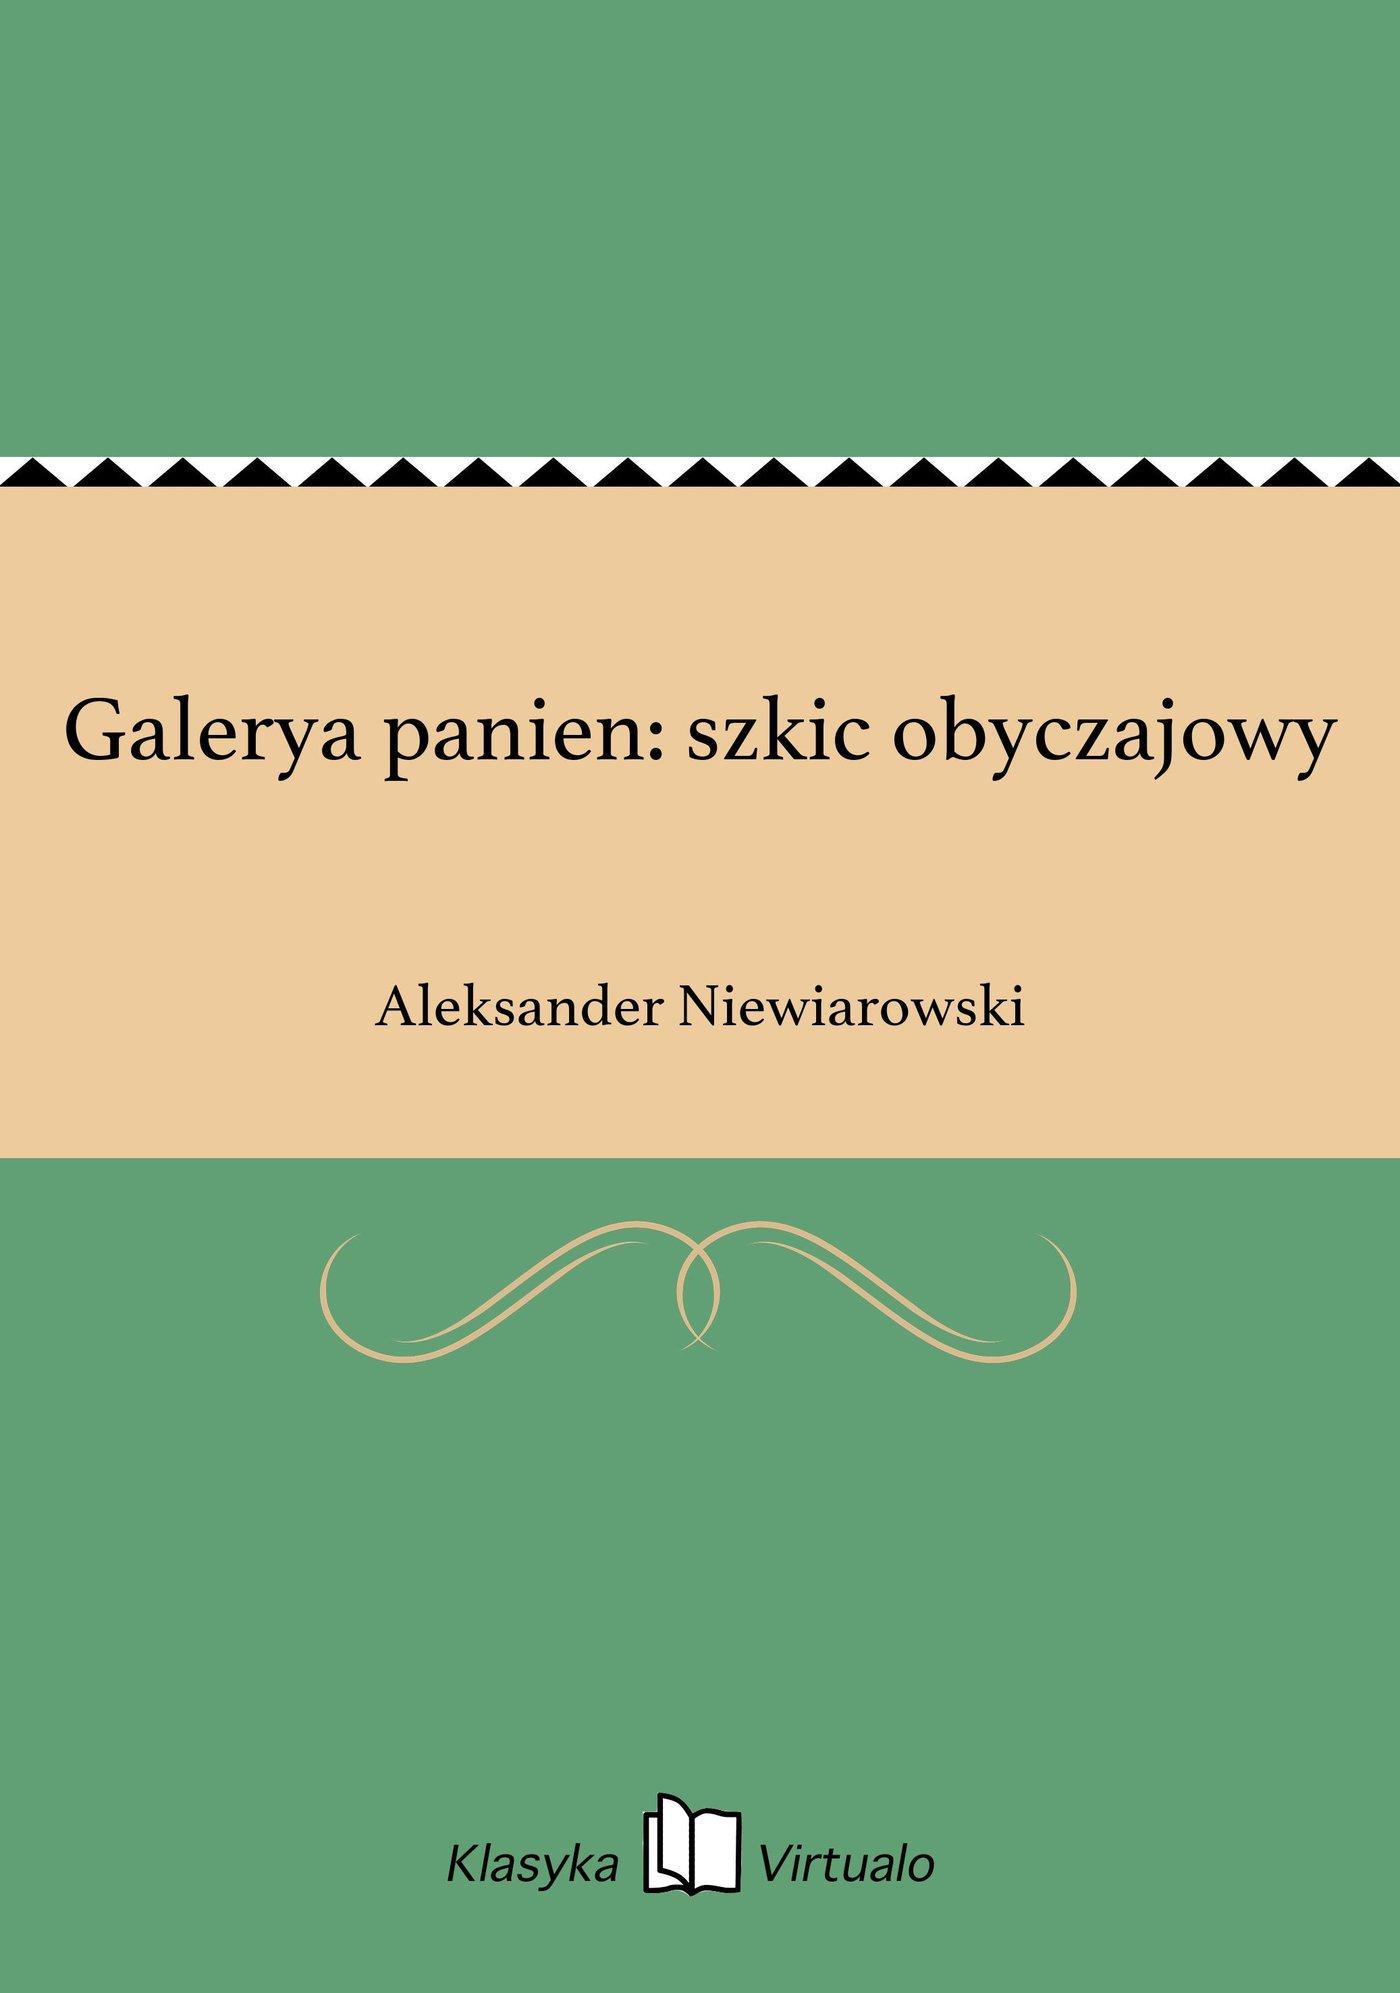 Galerya panien: szkic obyczajowy - Ebook (Książka EPUB) do pobrania w formacie EPUB